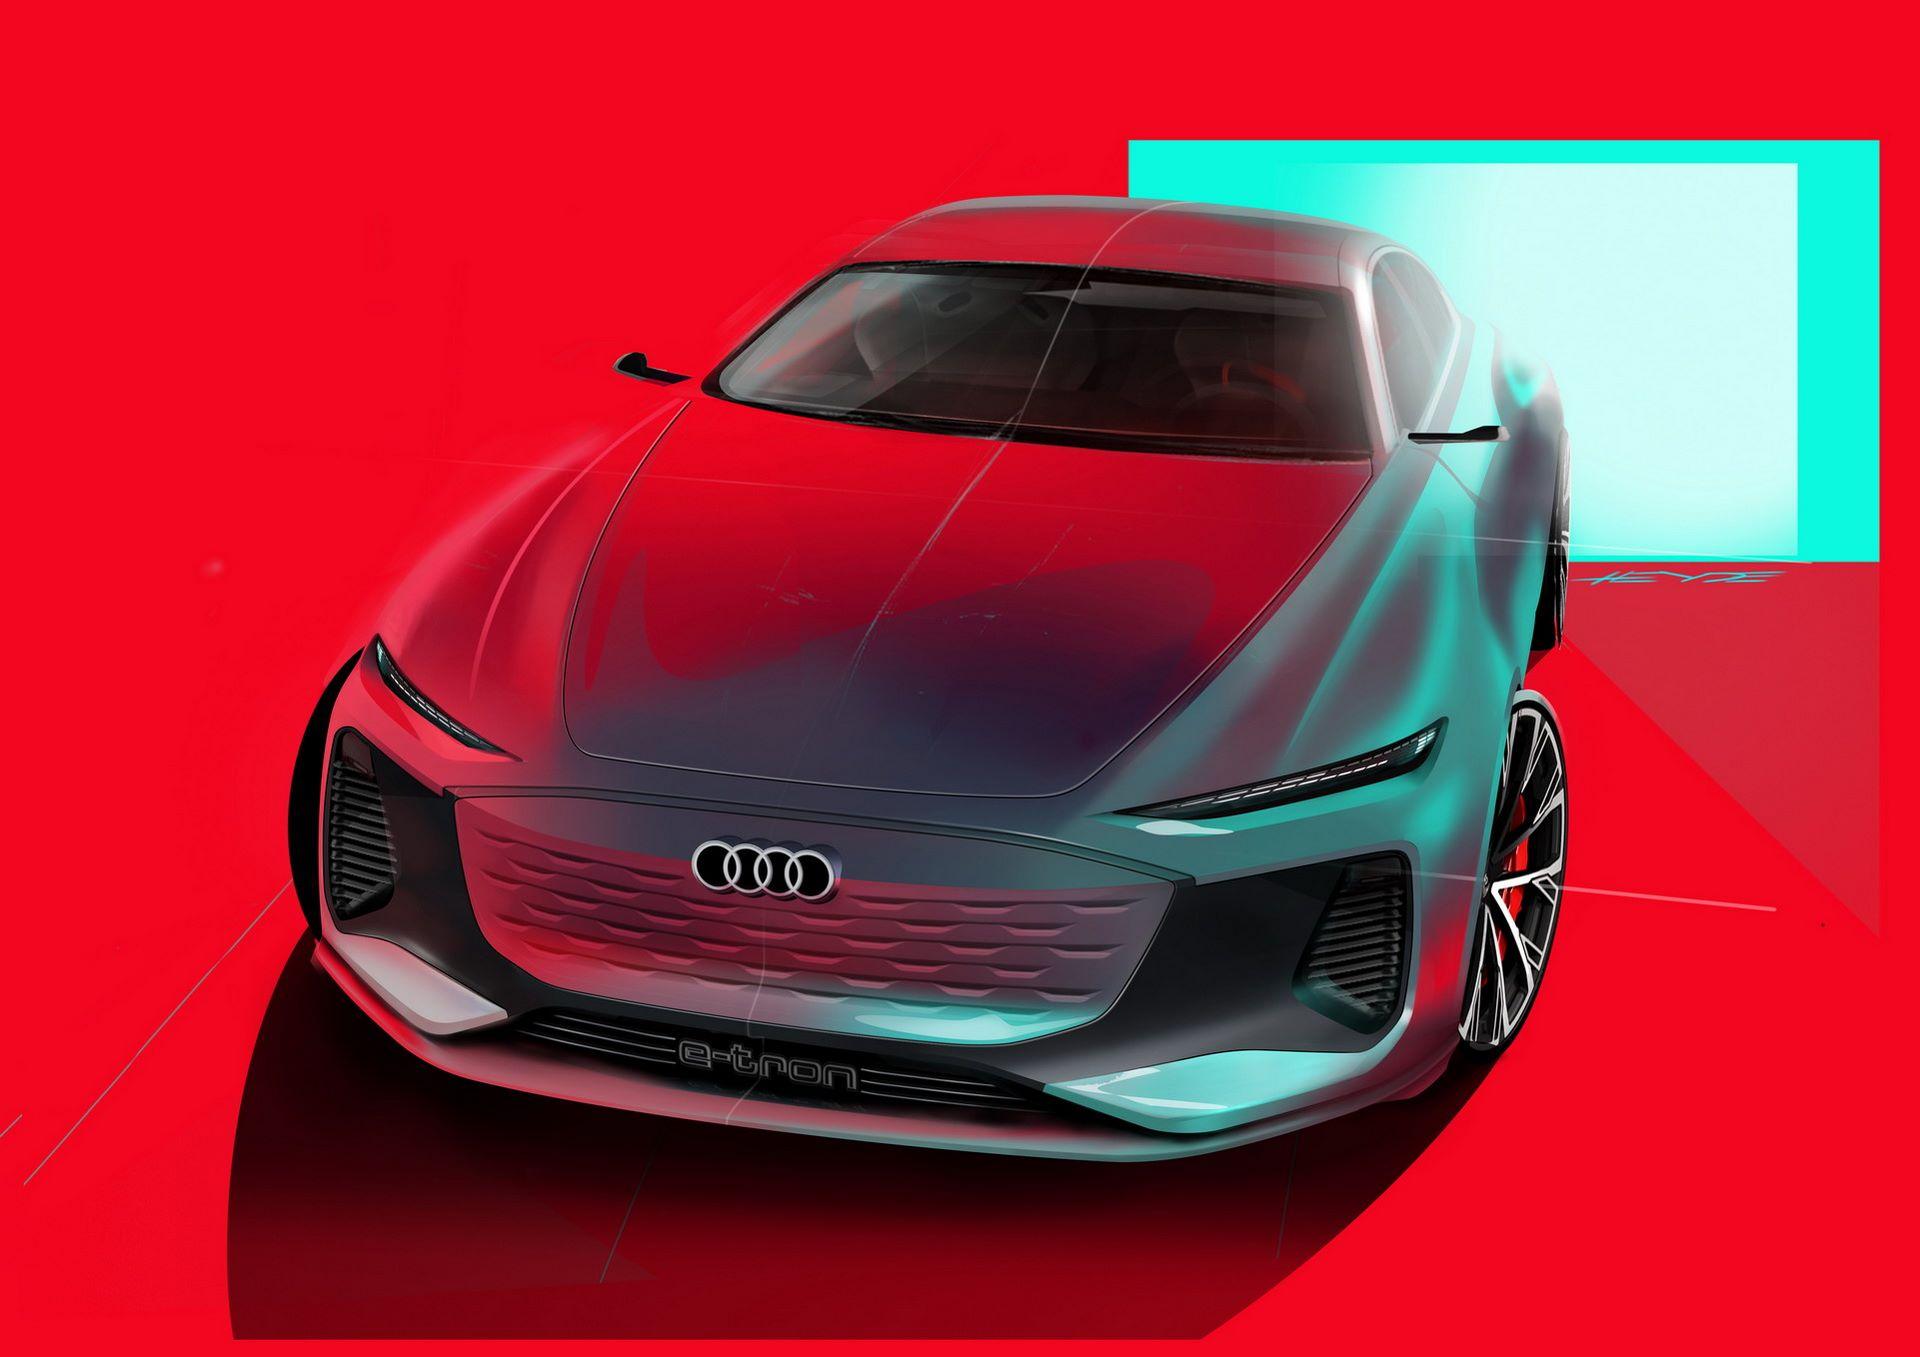 Audi-A6-e-tron-concept-48